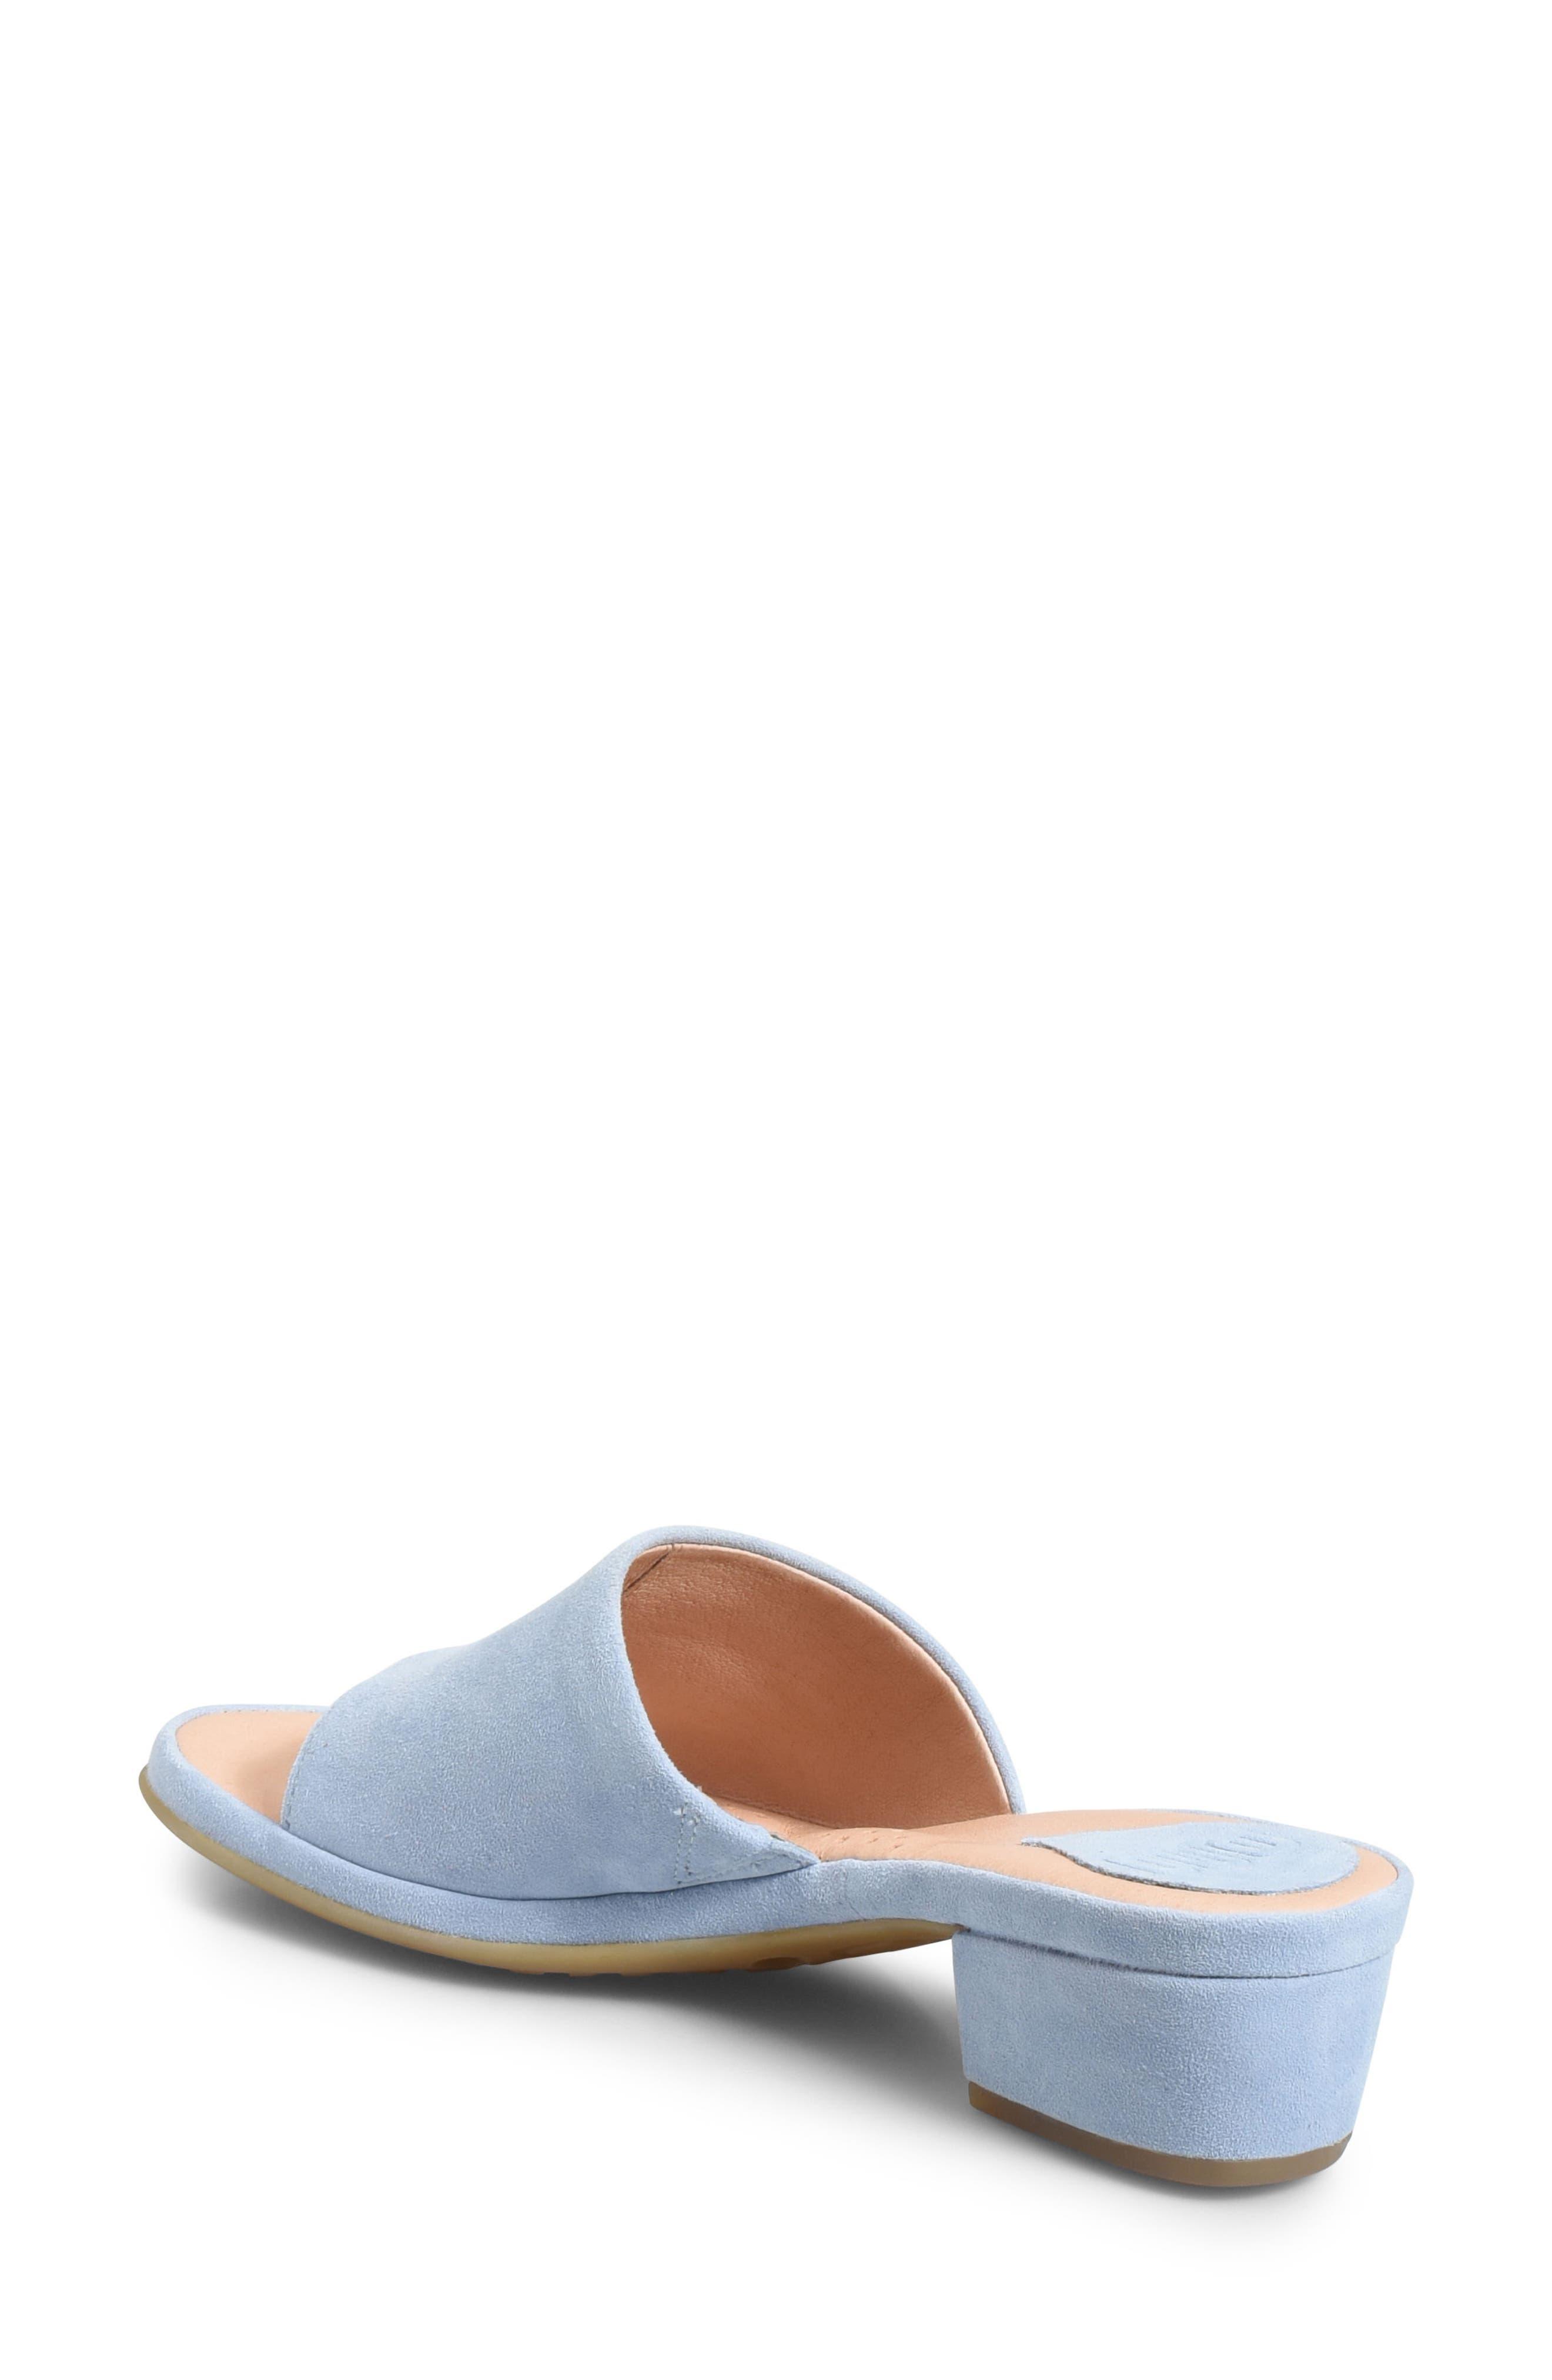 Bo Block Heel Slide Sandal,                             Alternate thumbnail 2, color,                             Light Blue Suede